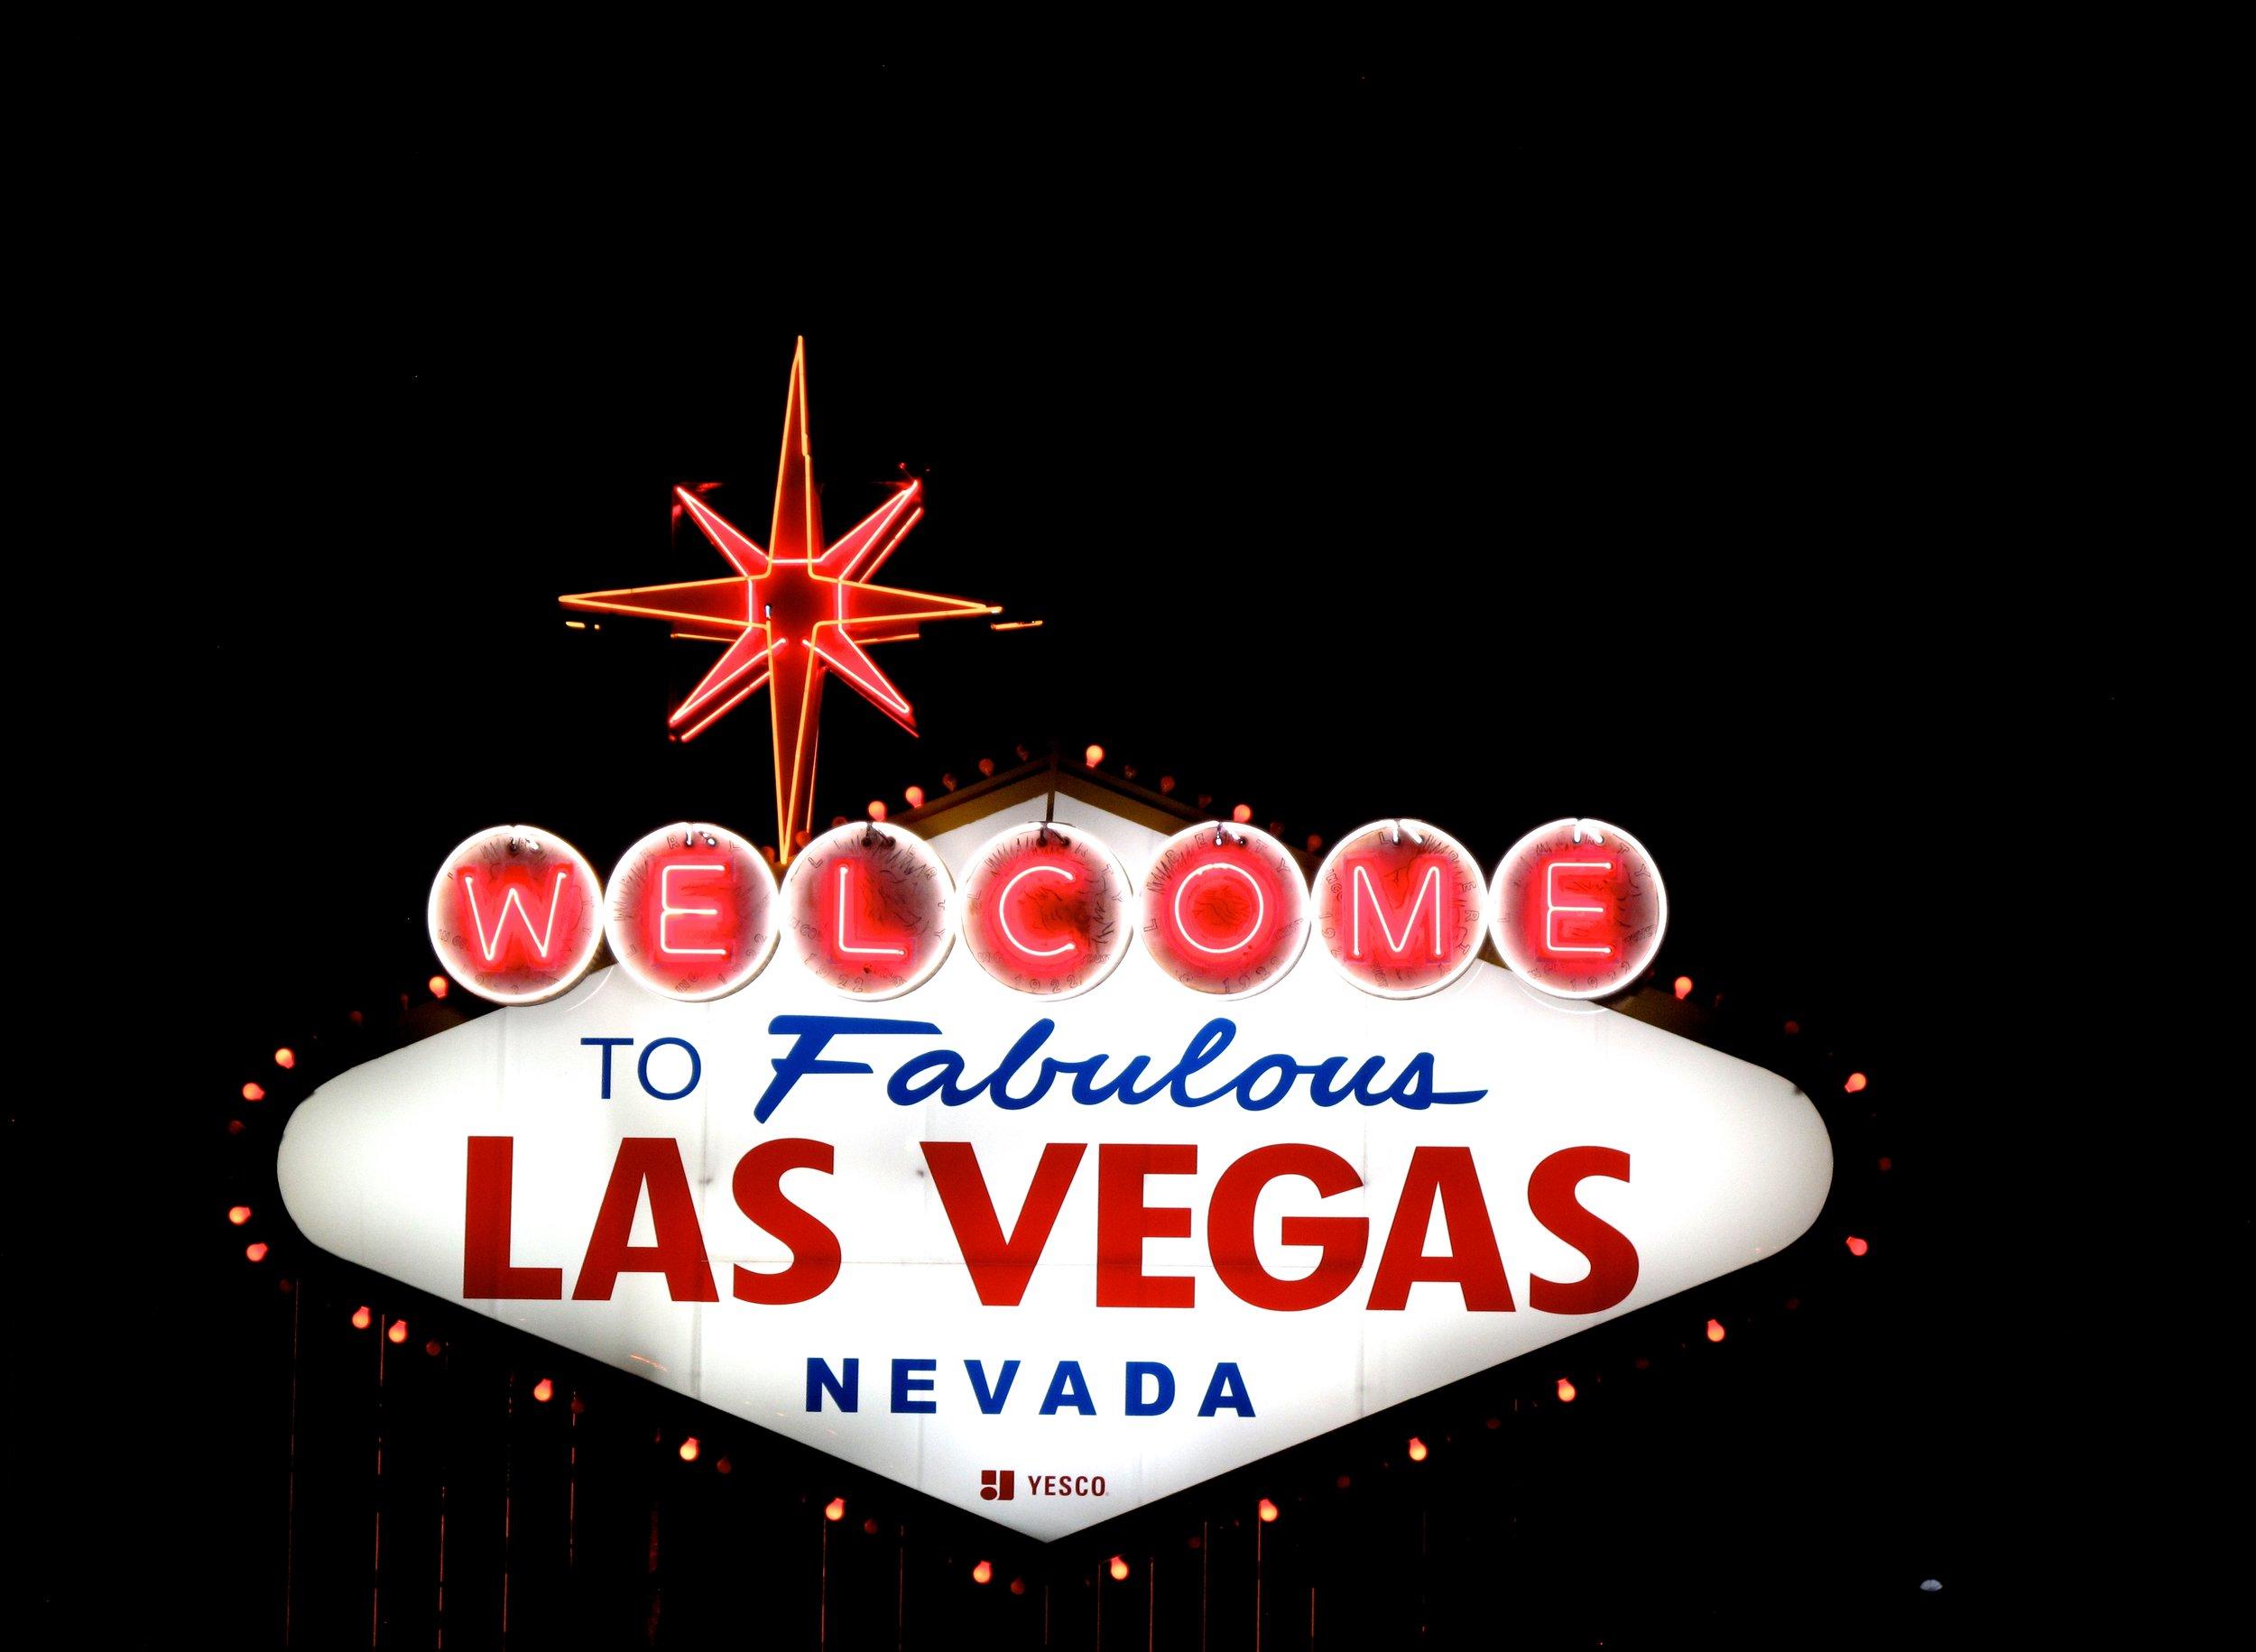 Las vegas - Empezamos nuestro recorrido en la ciudad que nunca duerme, Las Vegas.